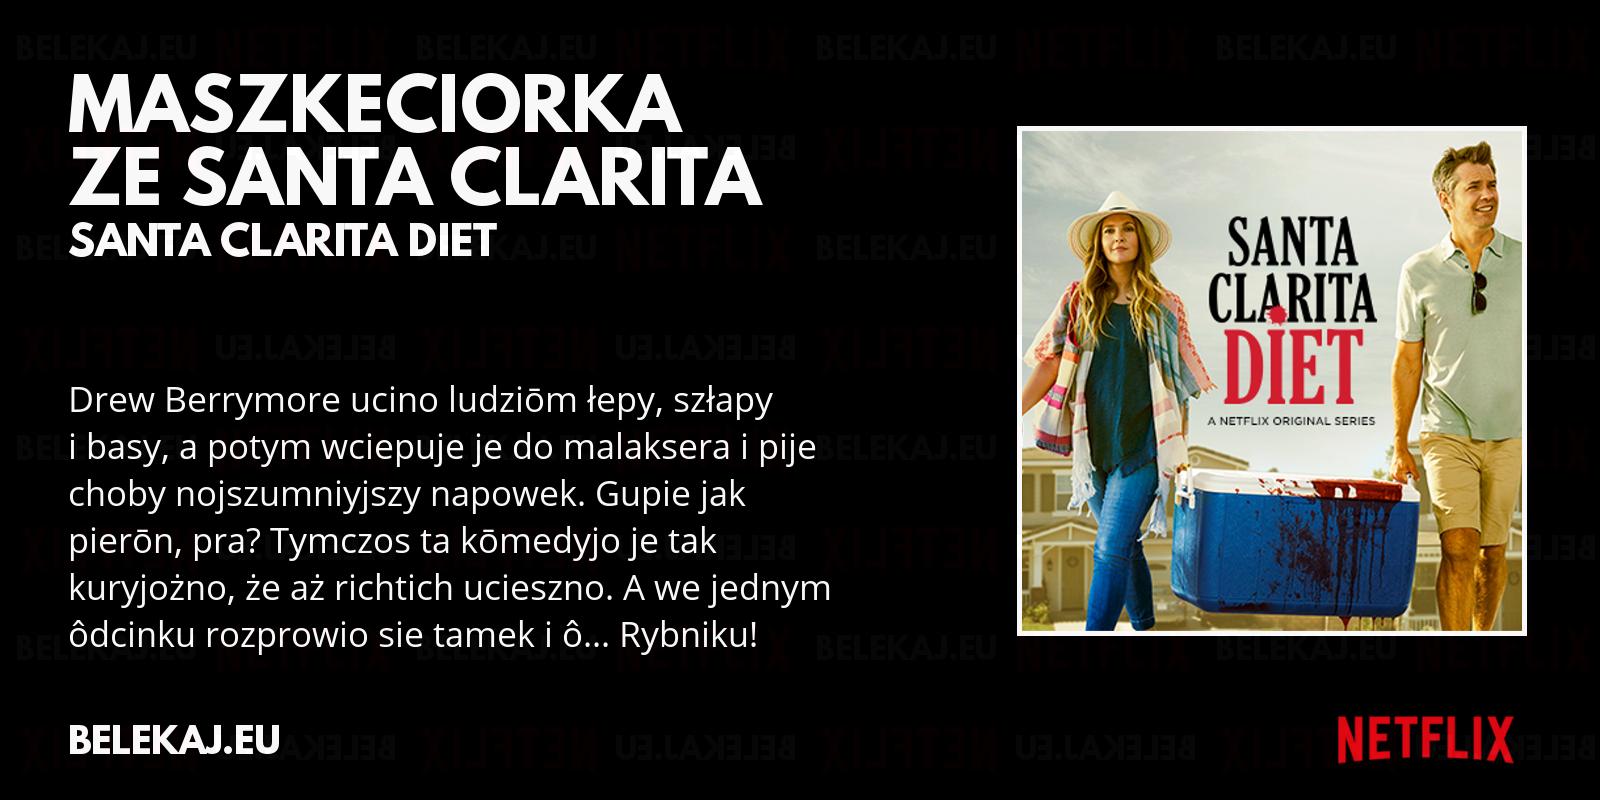 Santa Clarita Diet - Netflix po śląsku